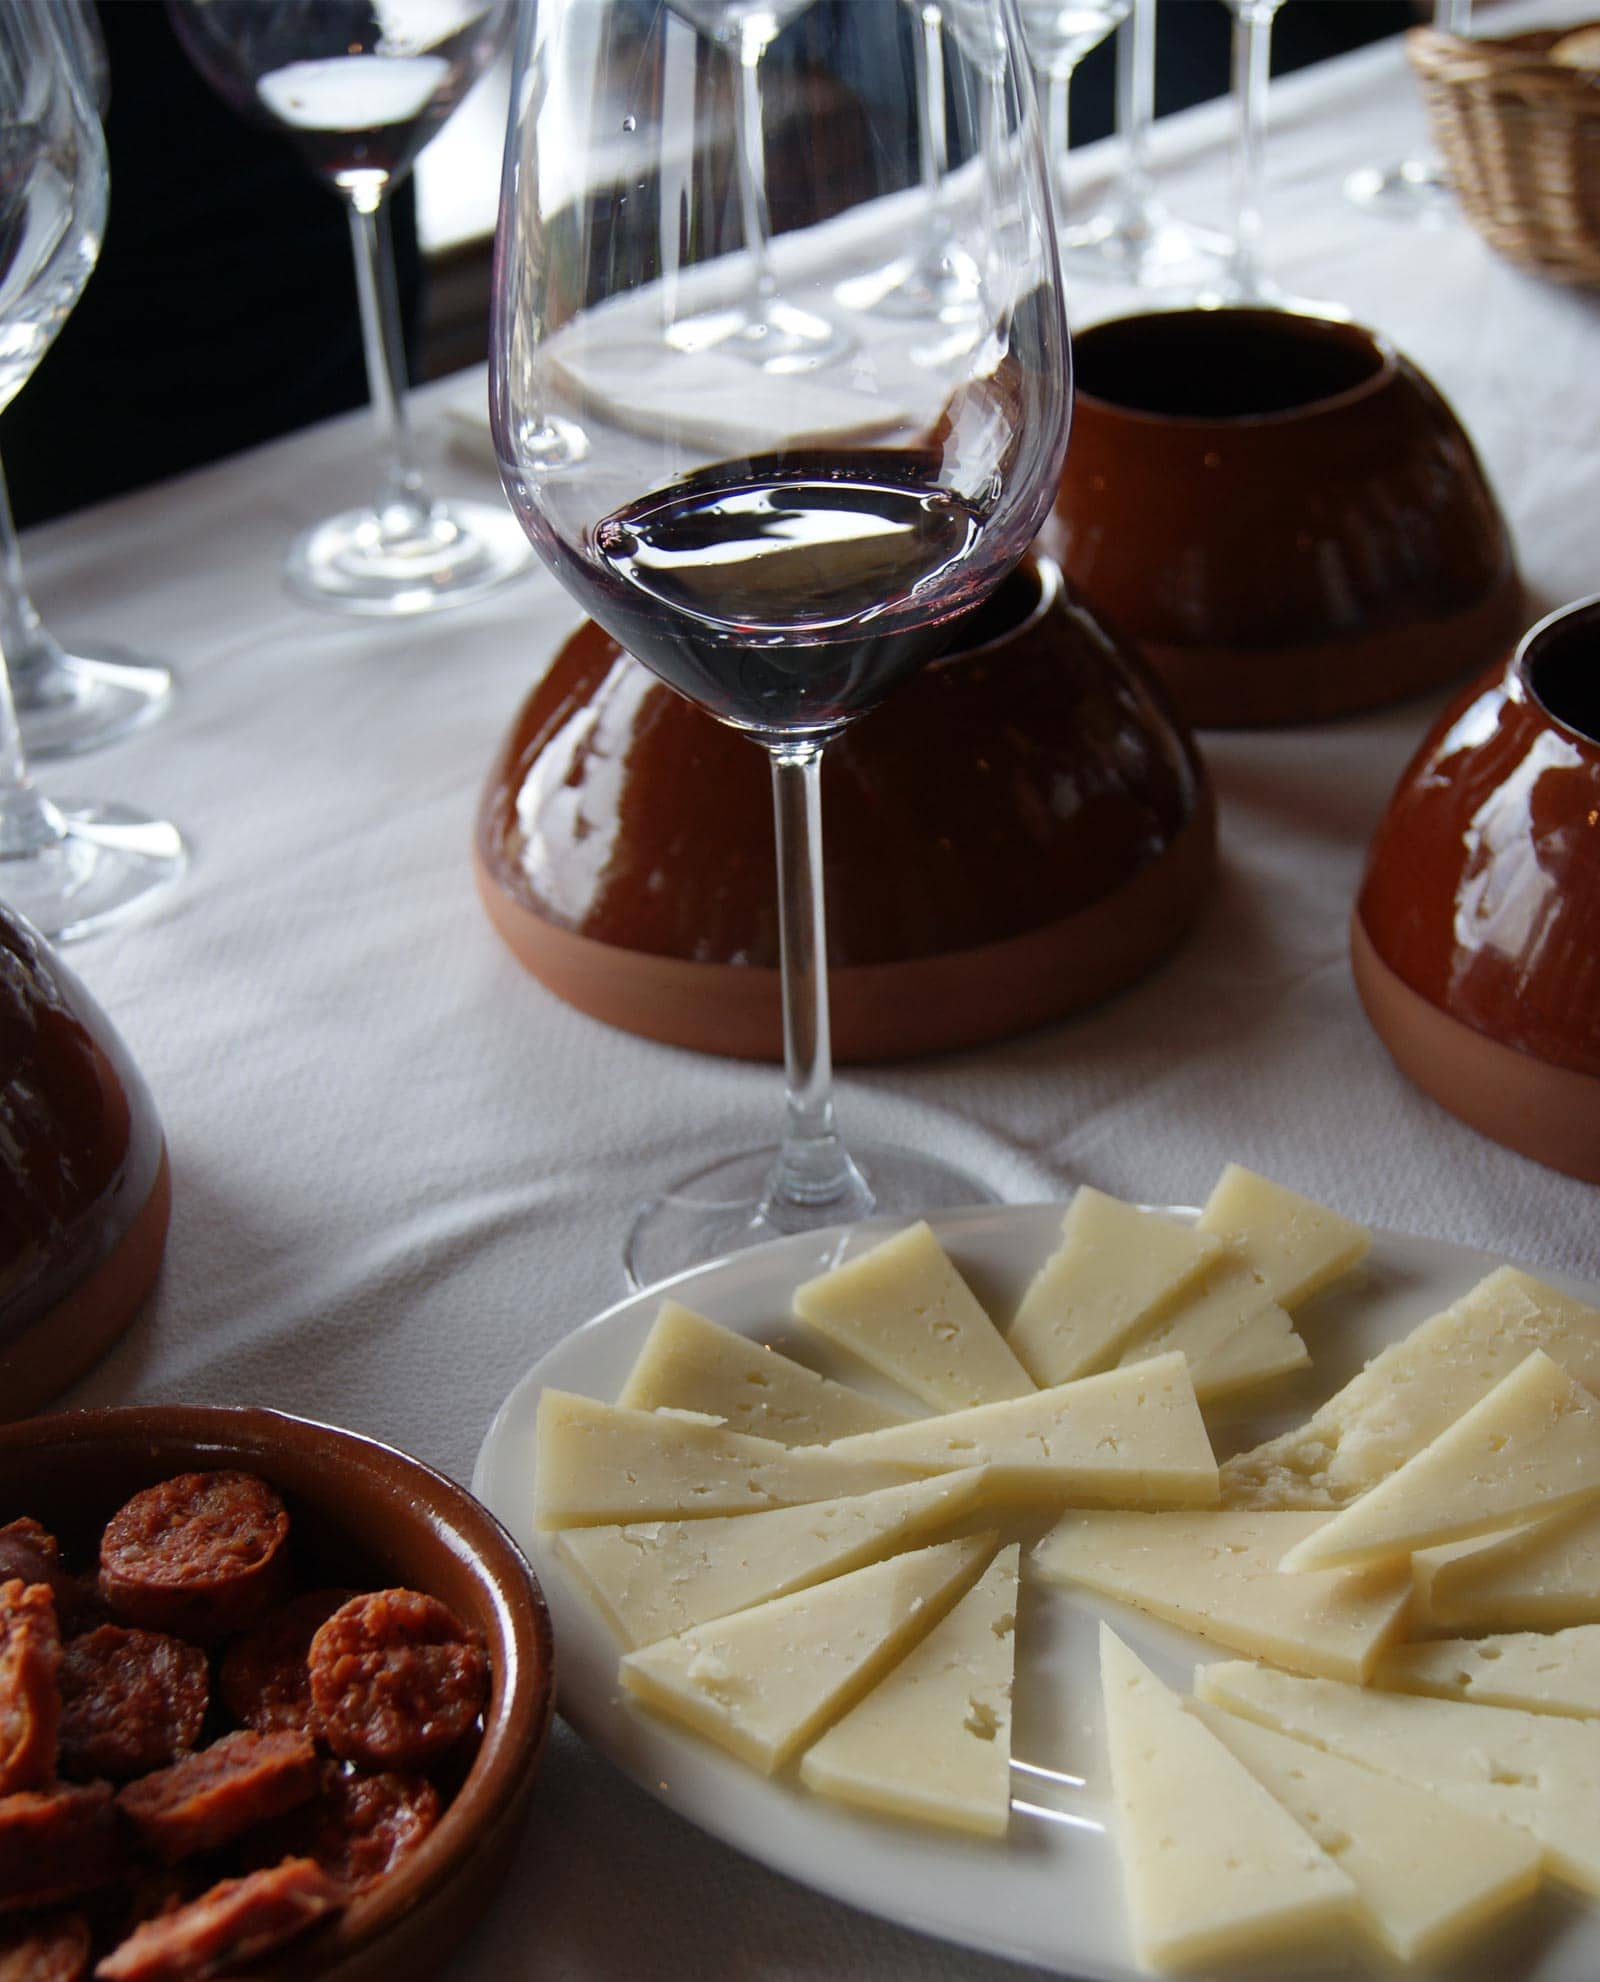 Cata de vino con quesos y embutidos castellanos en Bodegas Valduero